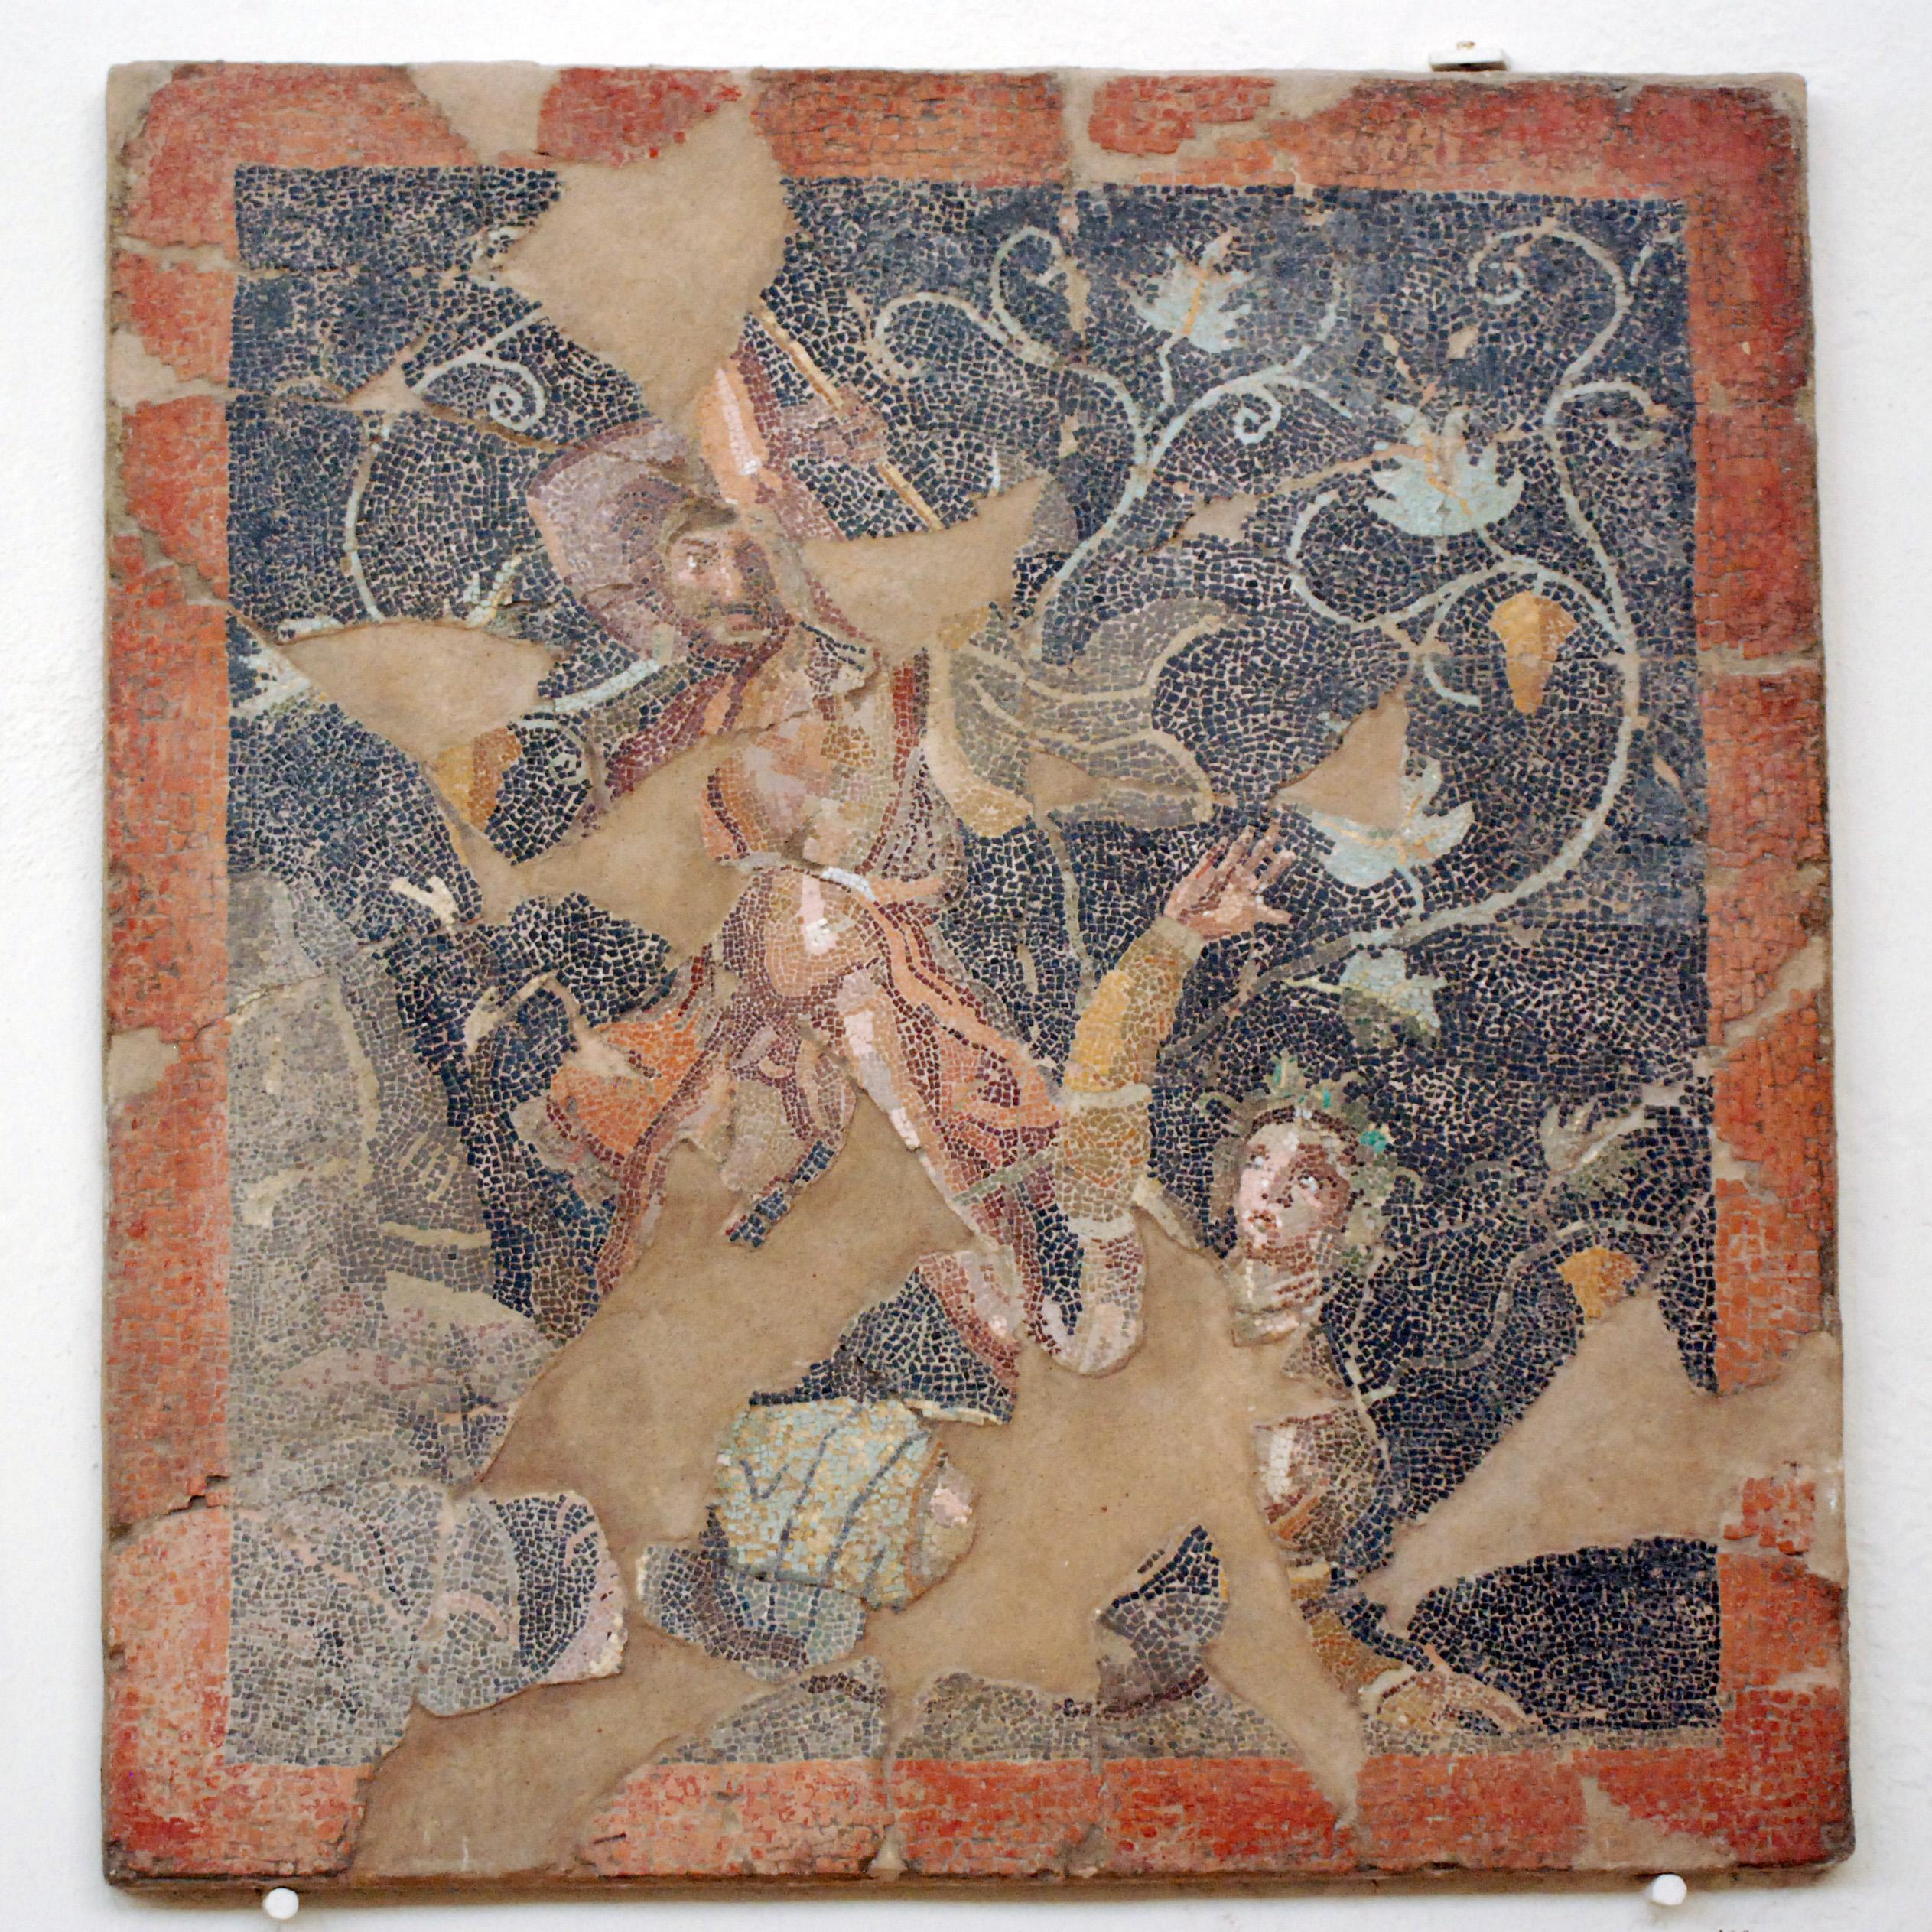 Mosaic_Lykourgos_Ambrosia_Delos_Museum.jpg